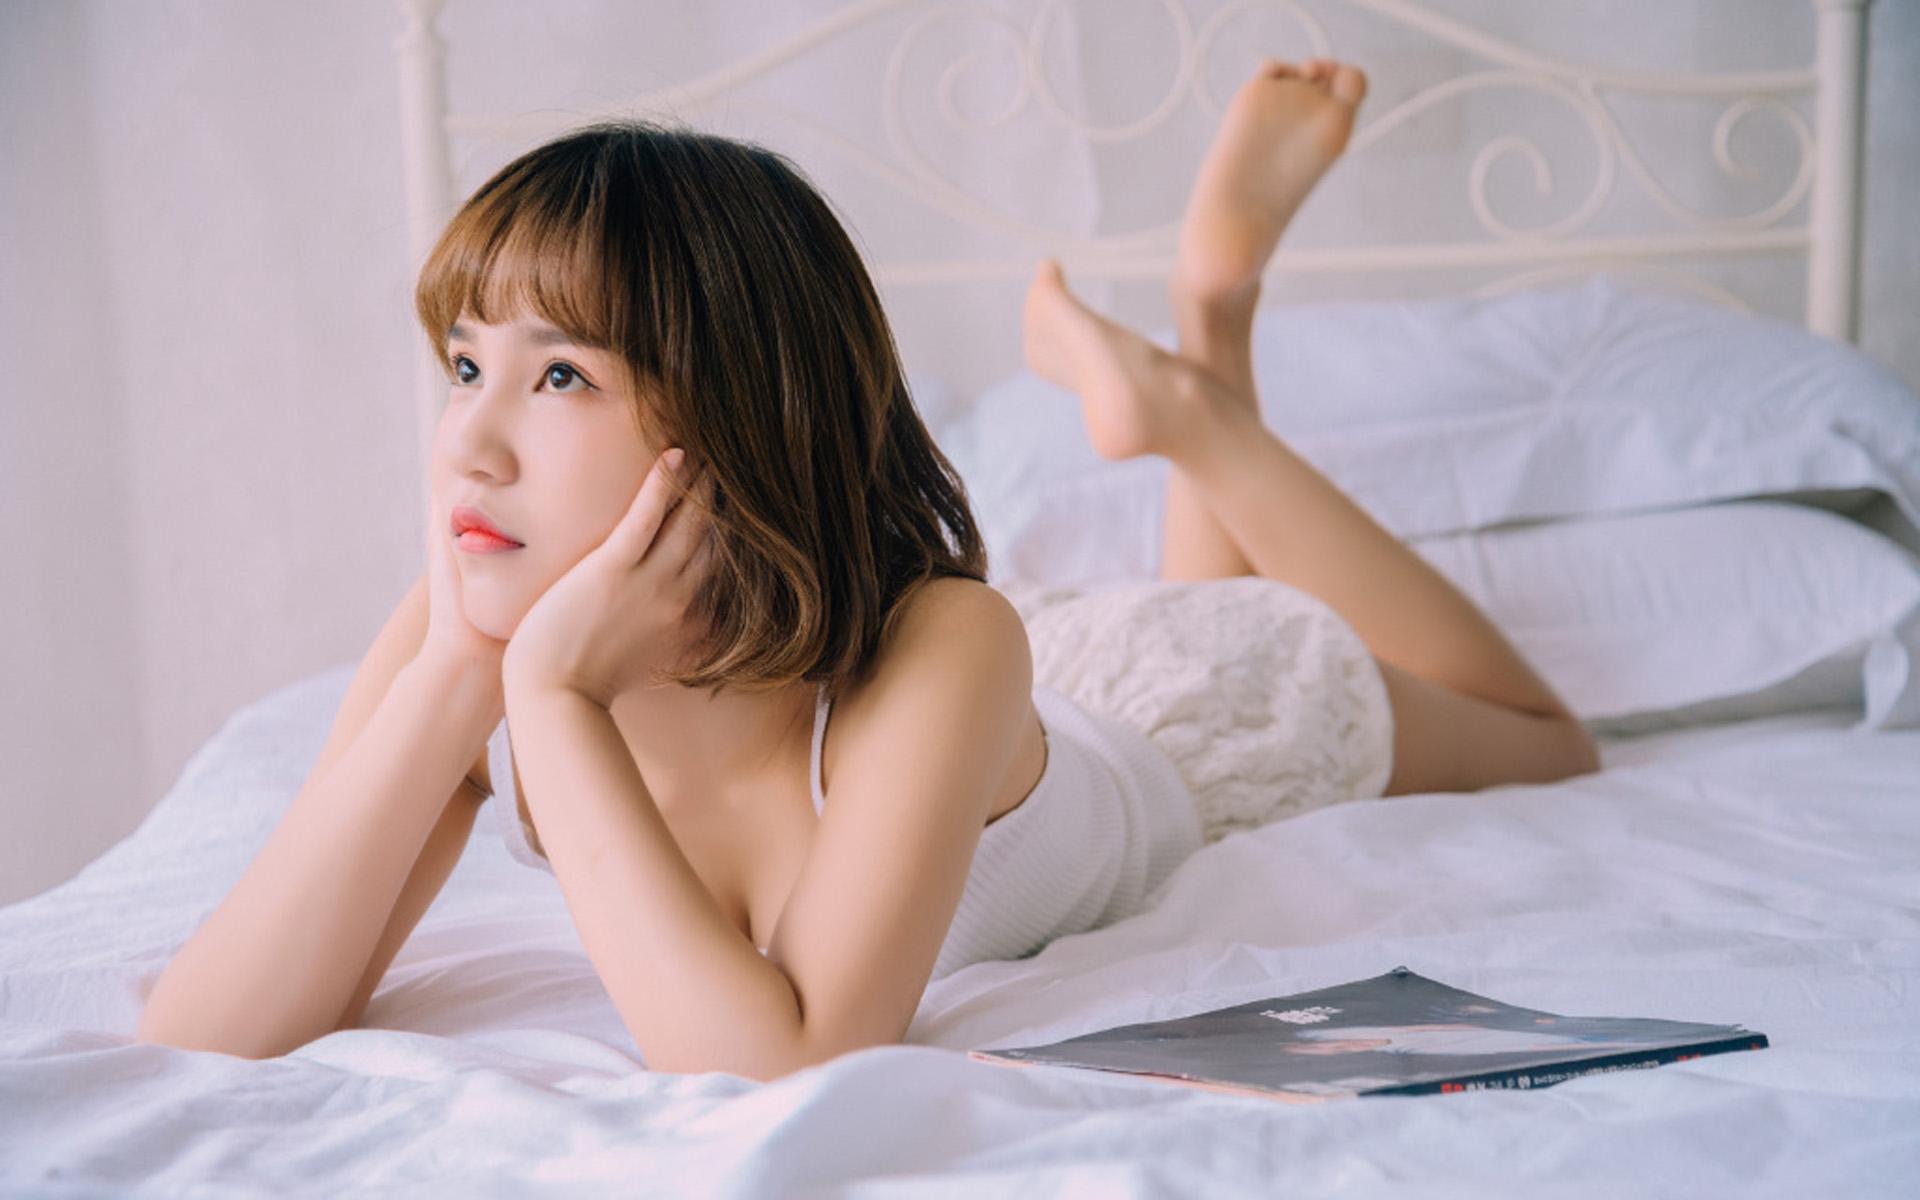 短发美女俏皮慵懒稚嫩写真图片桌面壁纸